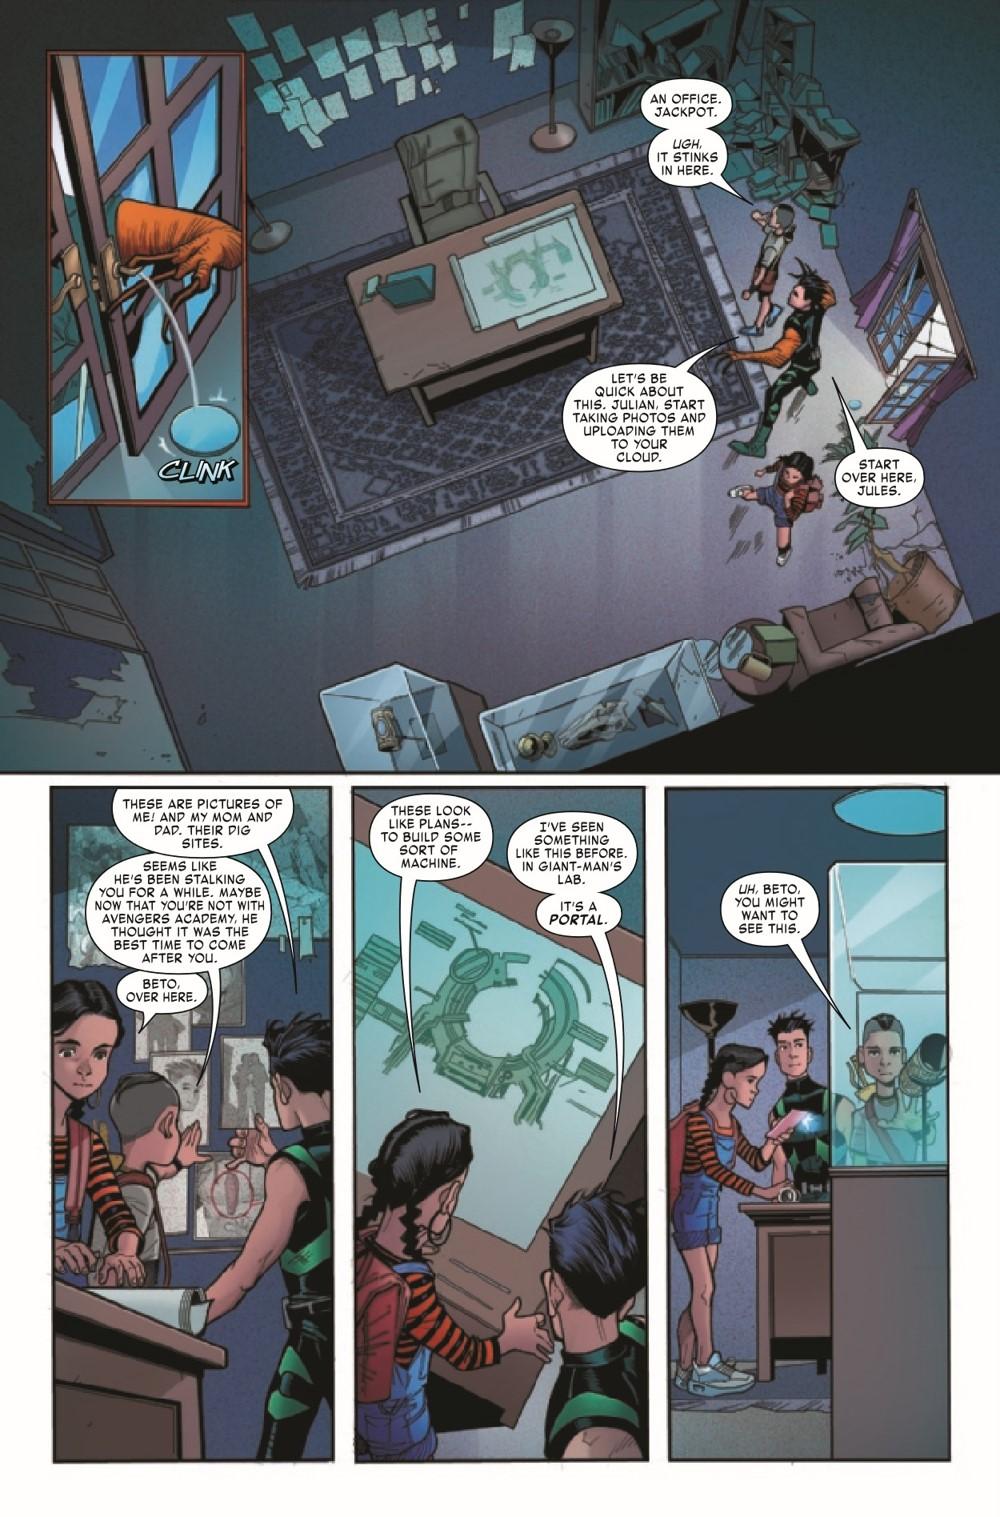 REPTIL2021003_Preview-5 ComicList Previews: REPTIL #3 (OF 4)